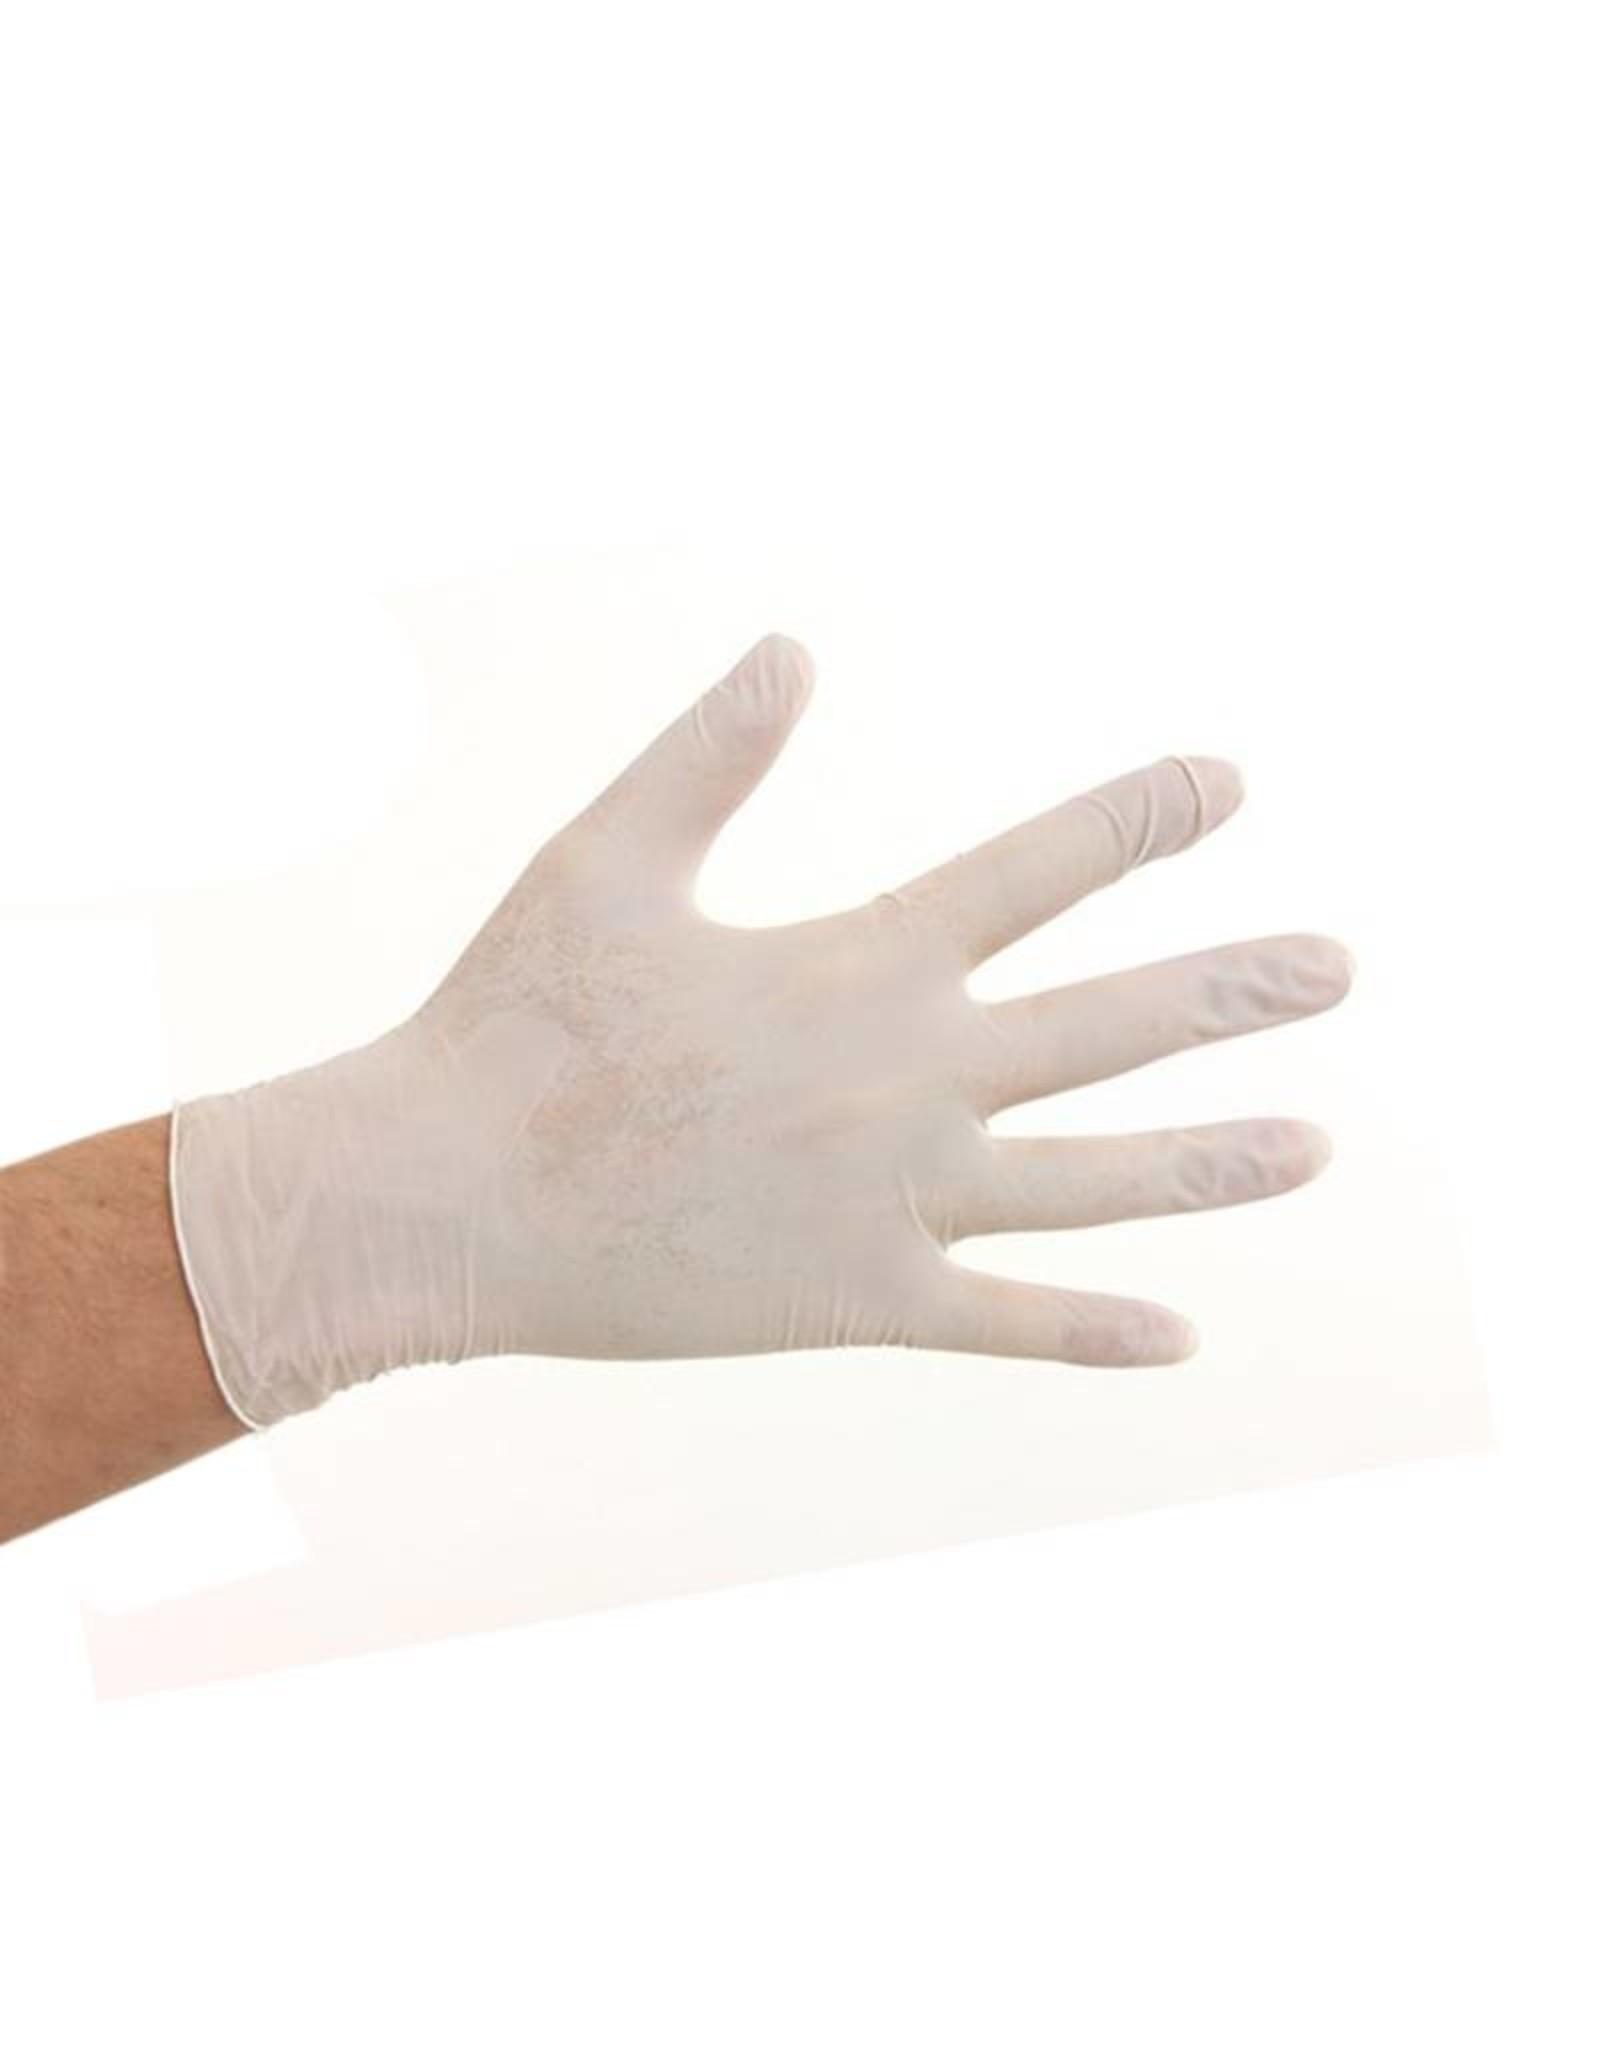 CMT CMT soft nitril handschoenen poedervrij L wit